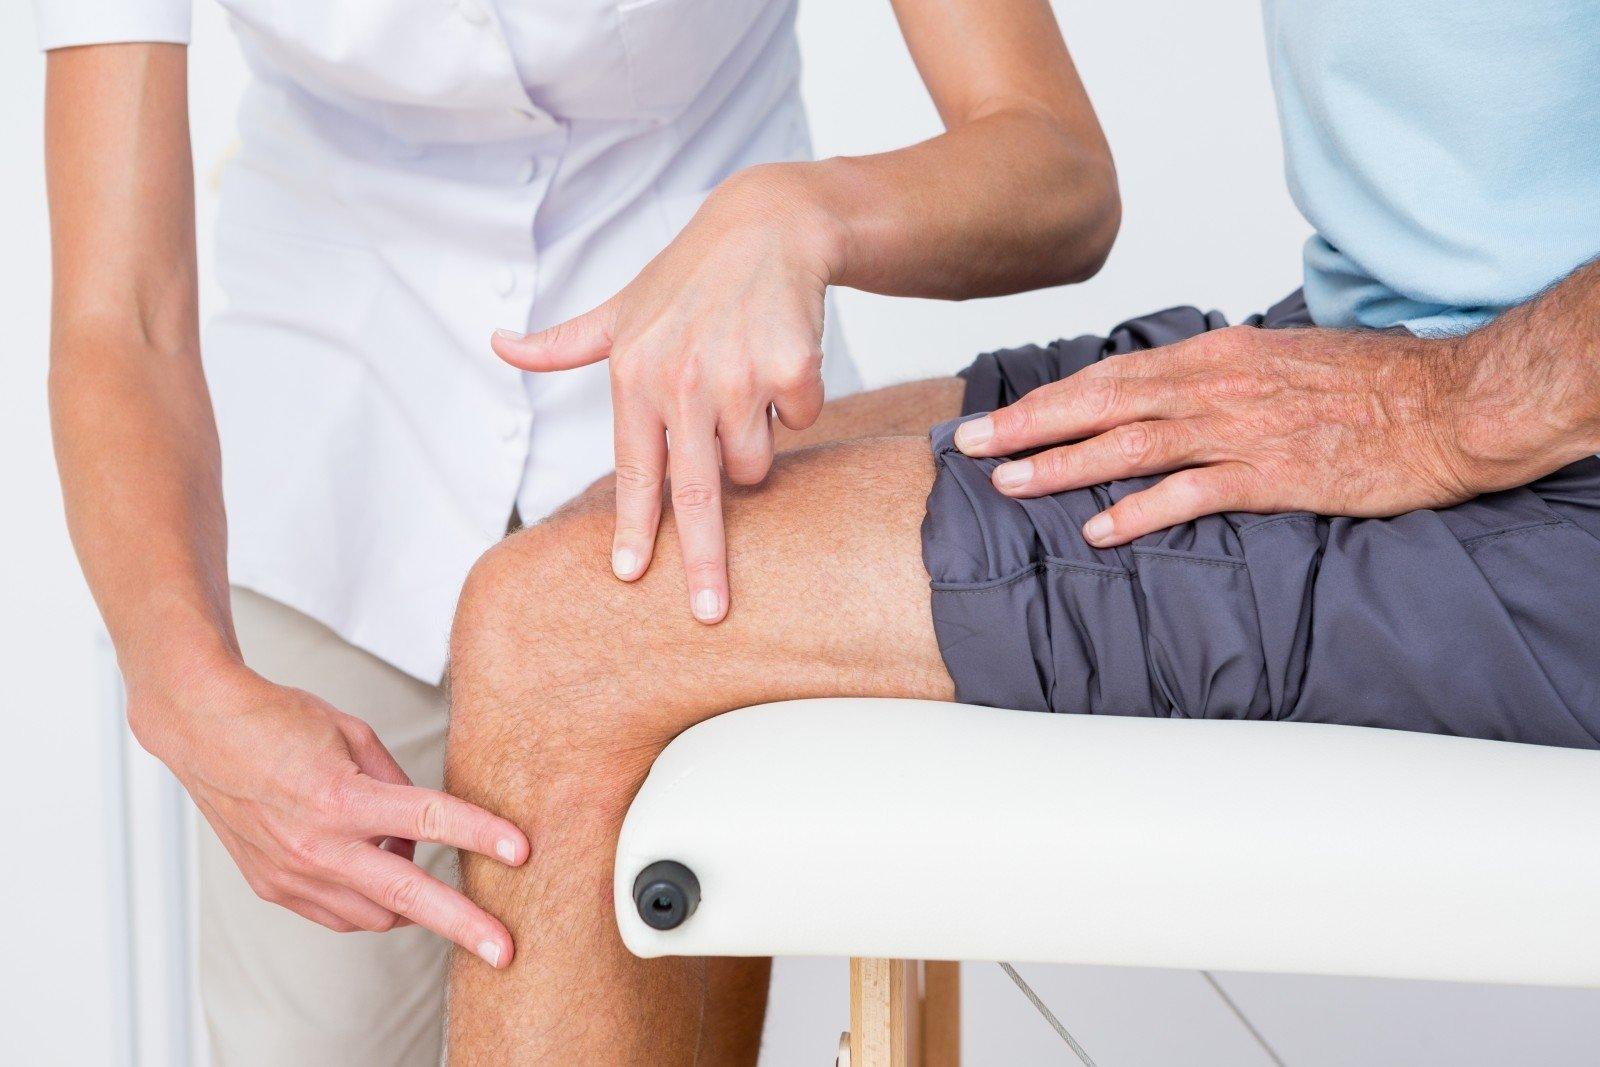 gydymas artrozės peties sąnario pagal blokados sifilio sąnarių skausmas